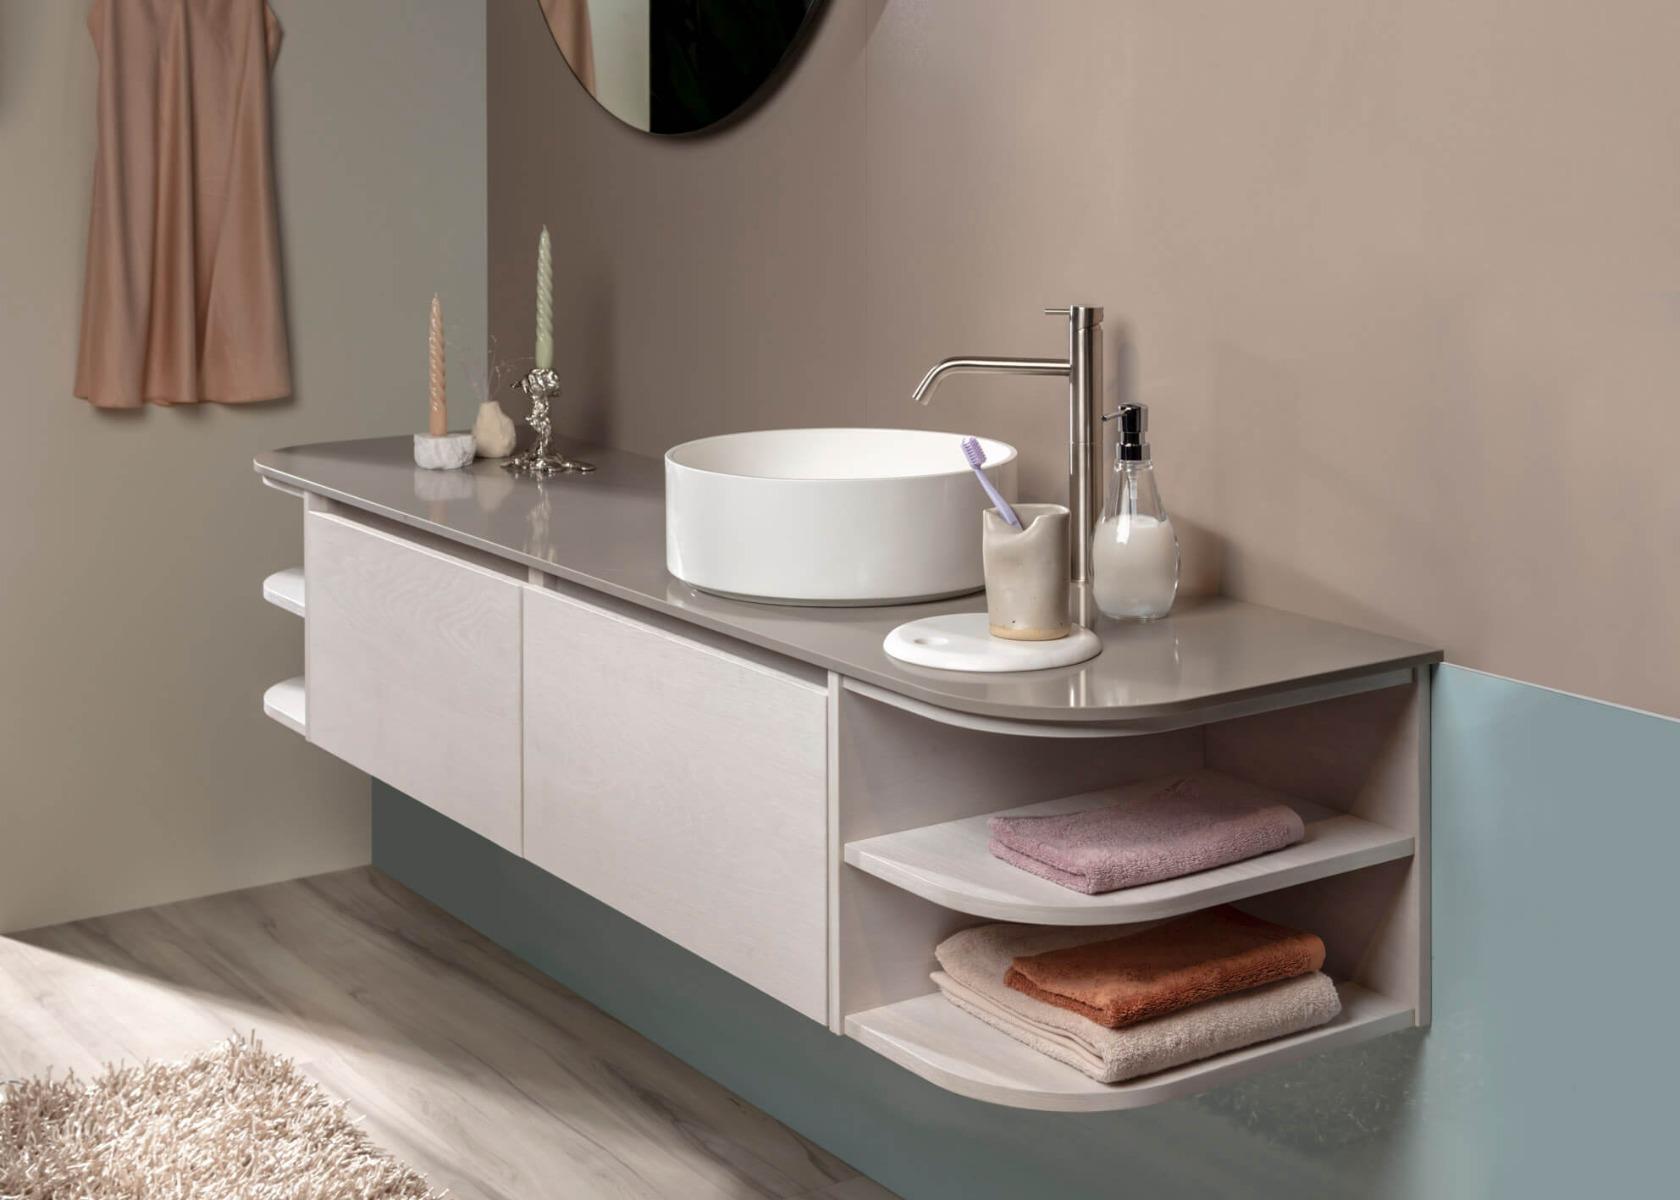 Badkamer trends 2021. Inspiratie voor de badkamer. Qisani via Dekker Zevenhuizen #badkamer #badkamertrends #badkamerinspiratie #verbouwen #dekkerzevenhuizen #badkamermeubel #qisani